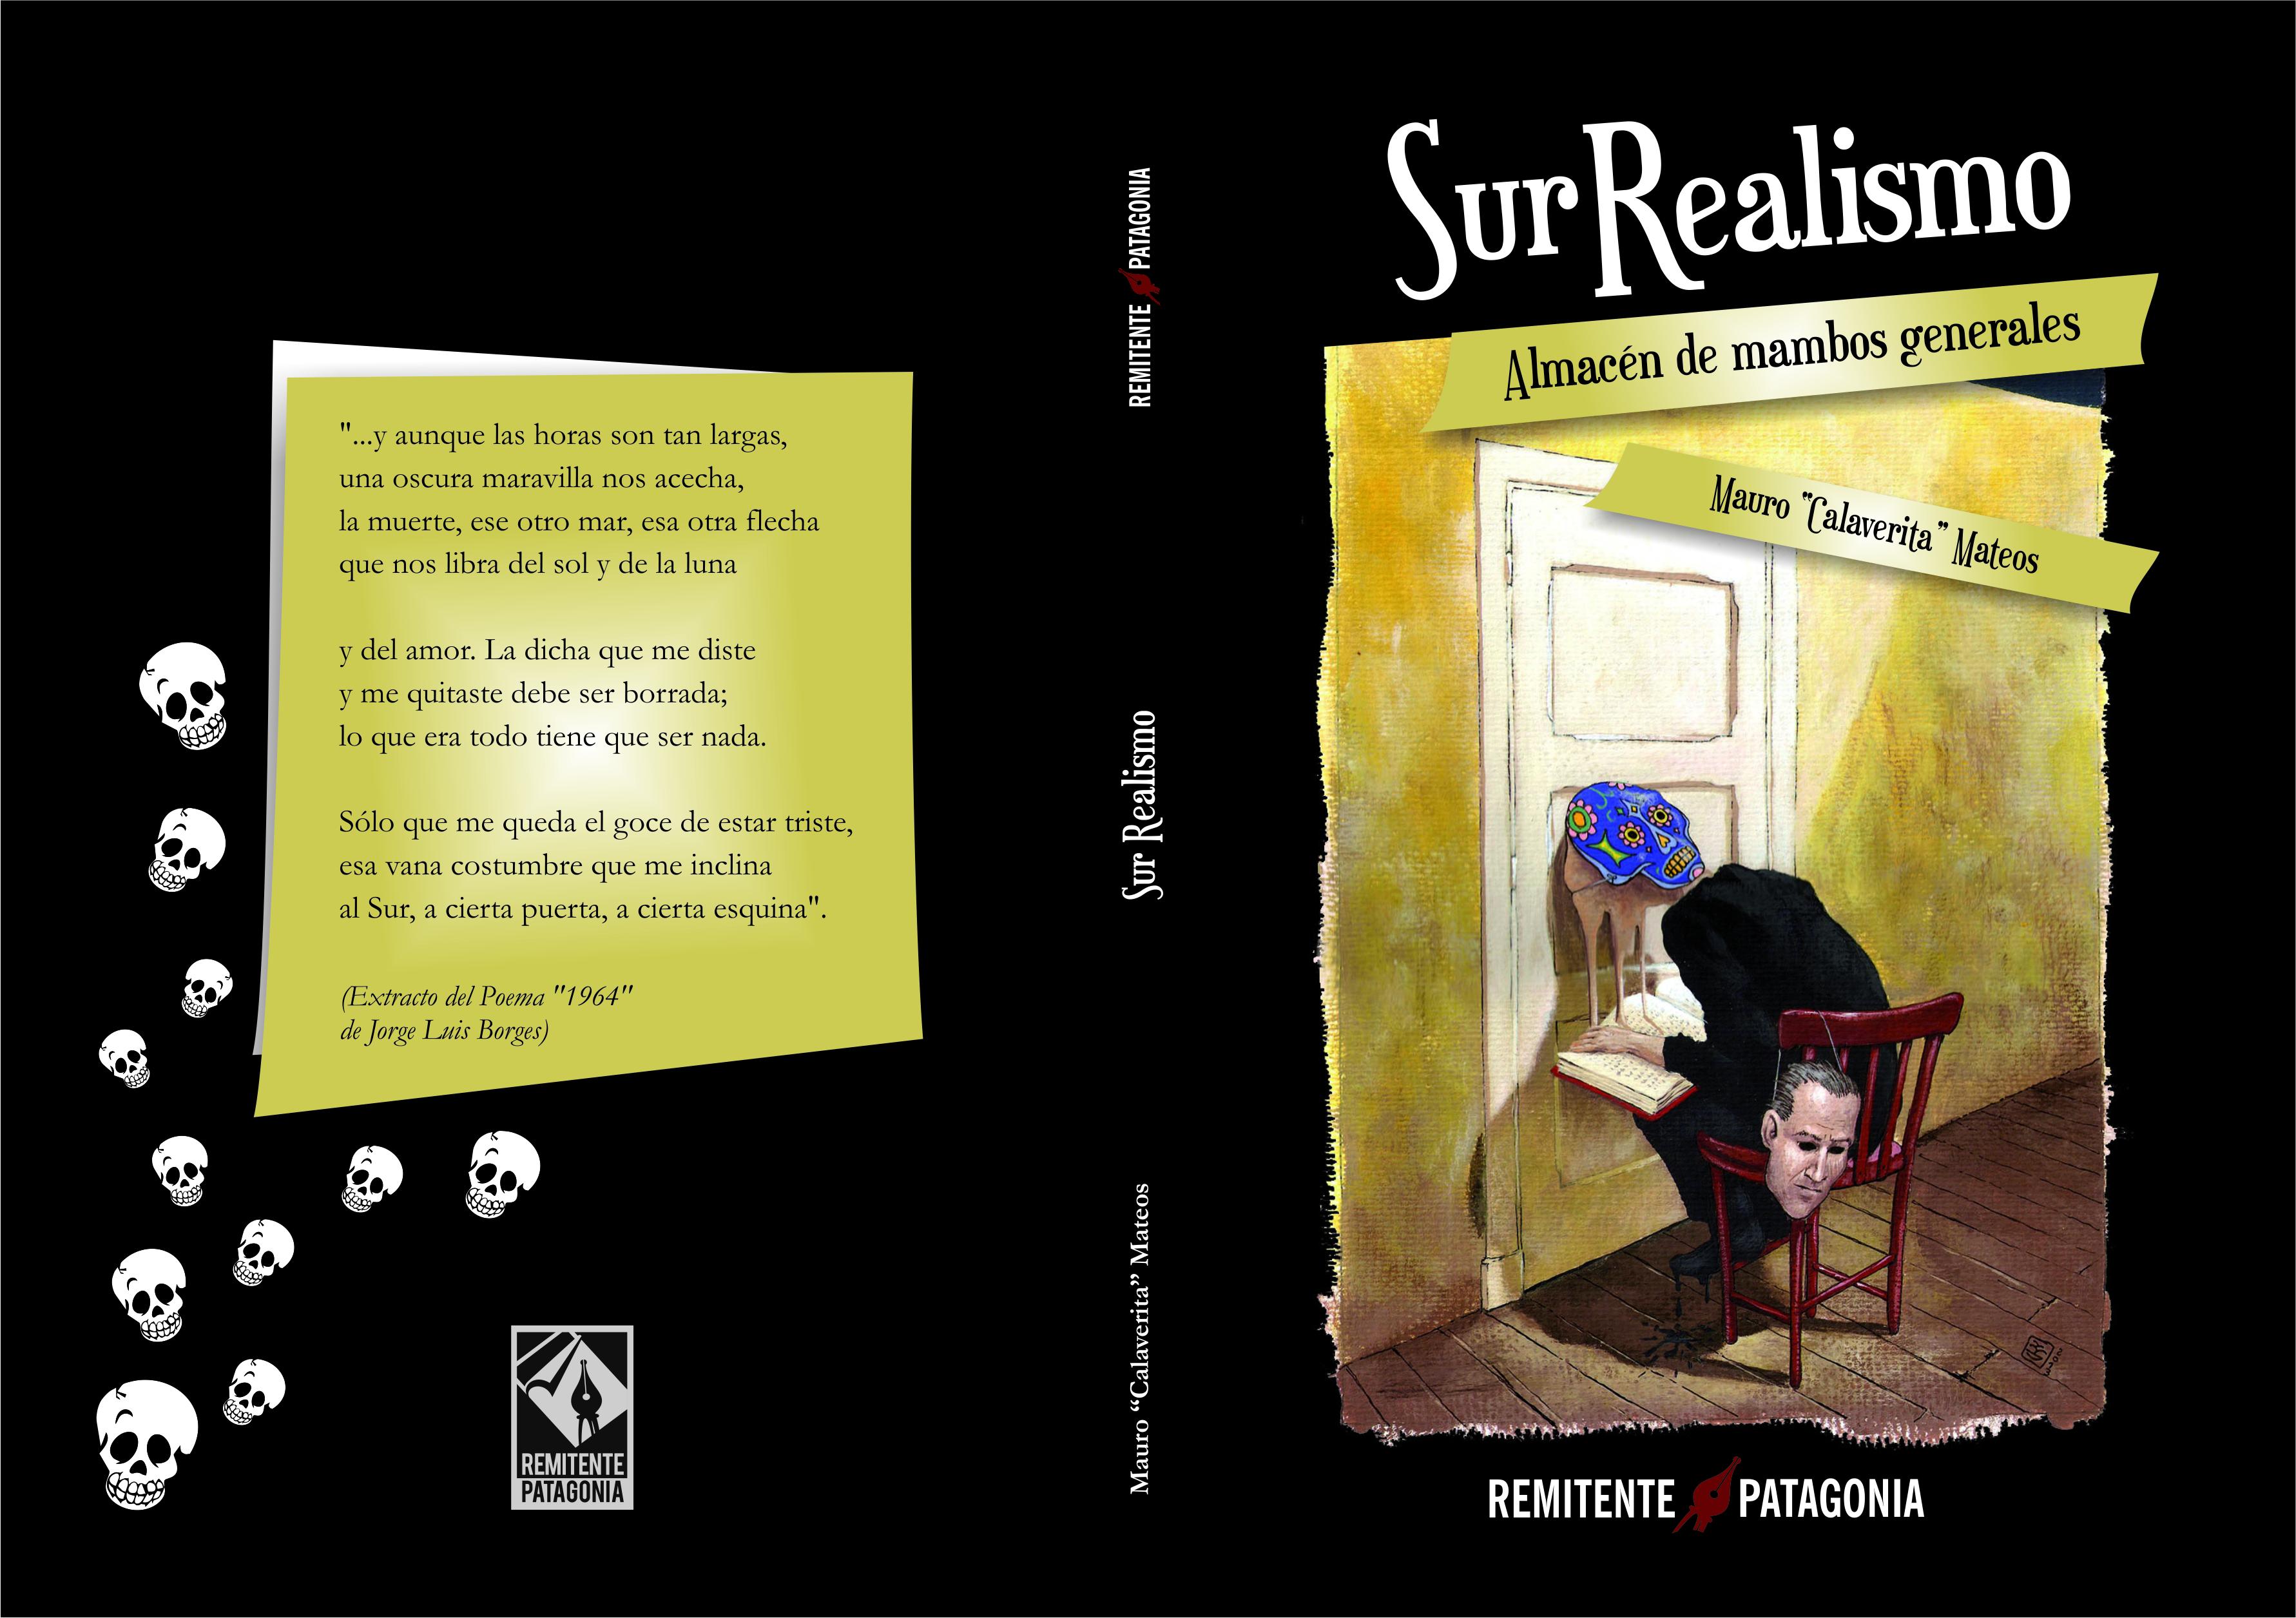 """Para adquirir el libro de """"Calaverita Mateos"""" escribí a elcalaverita@yahoo.com.ar"""